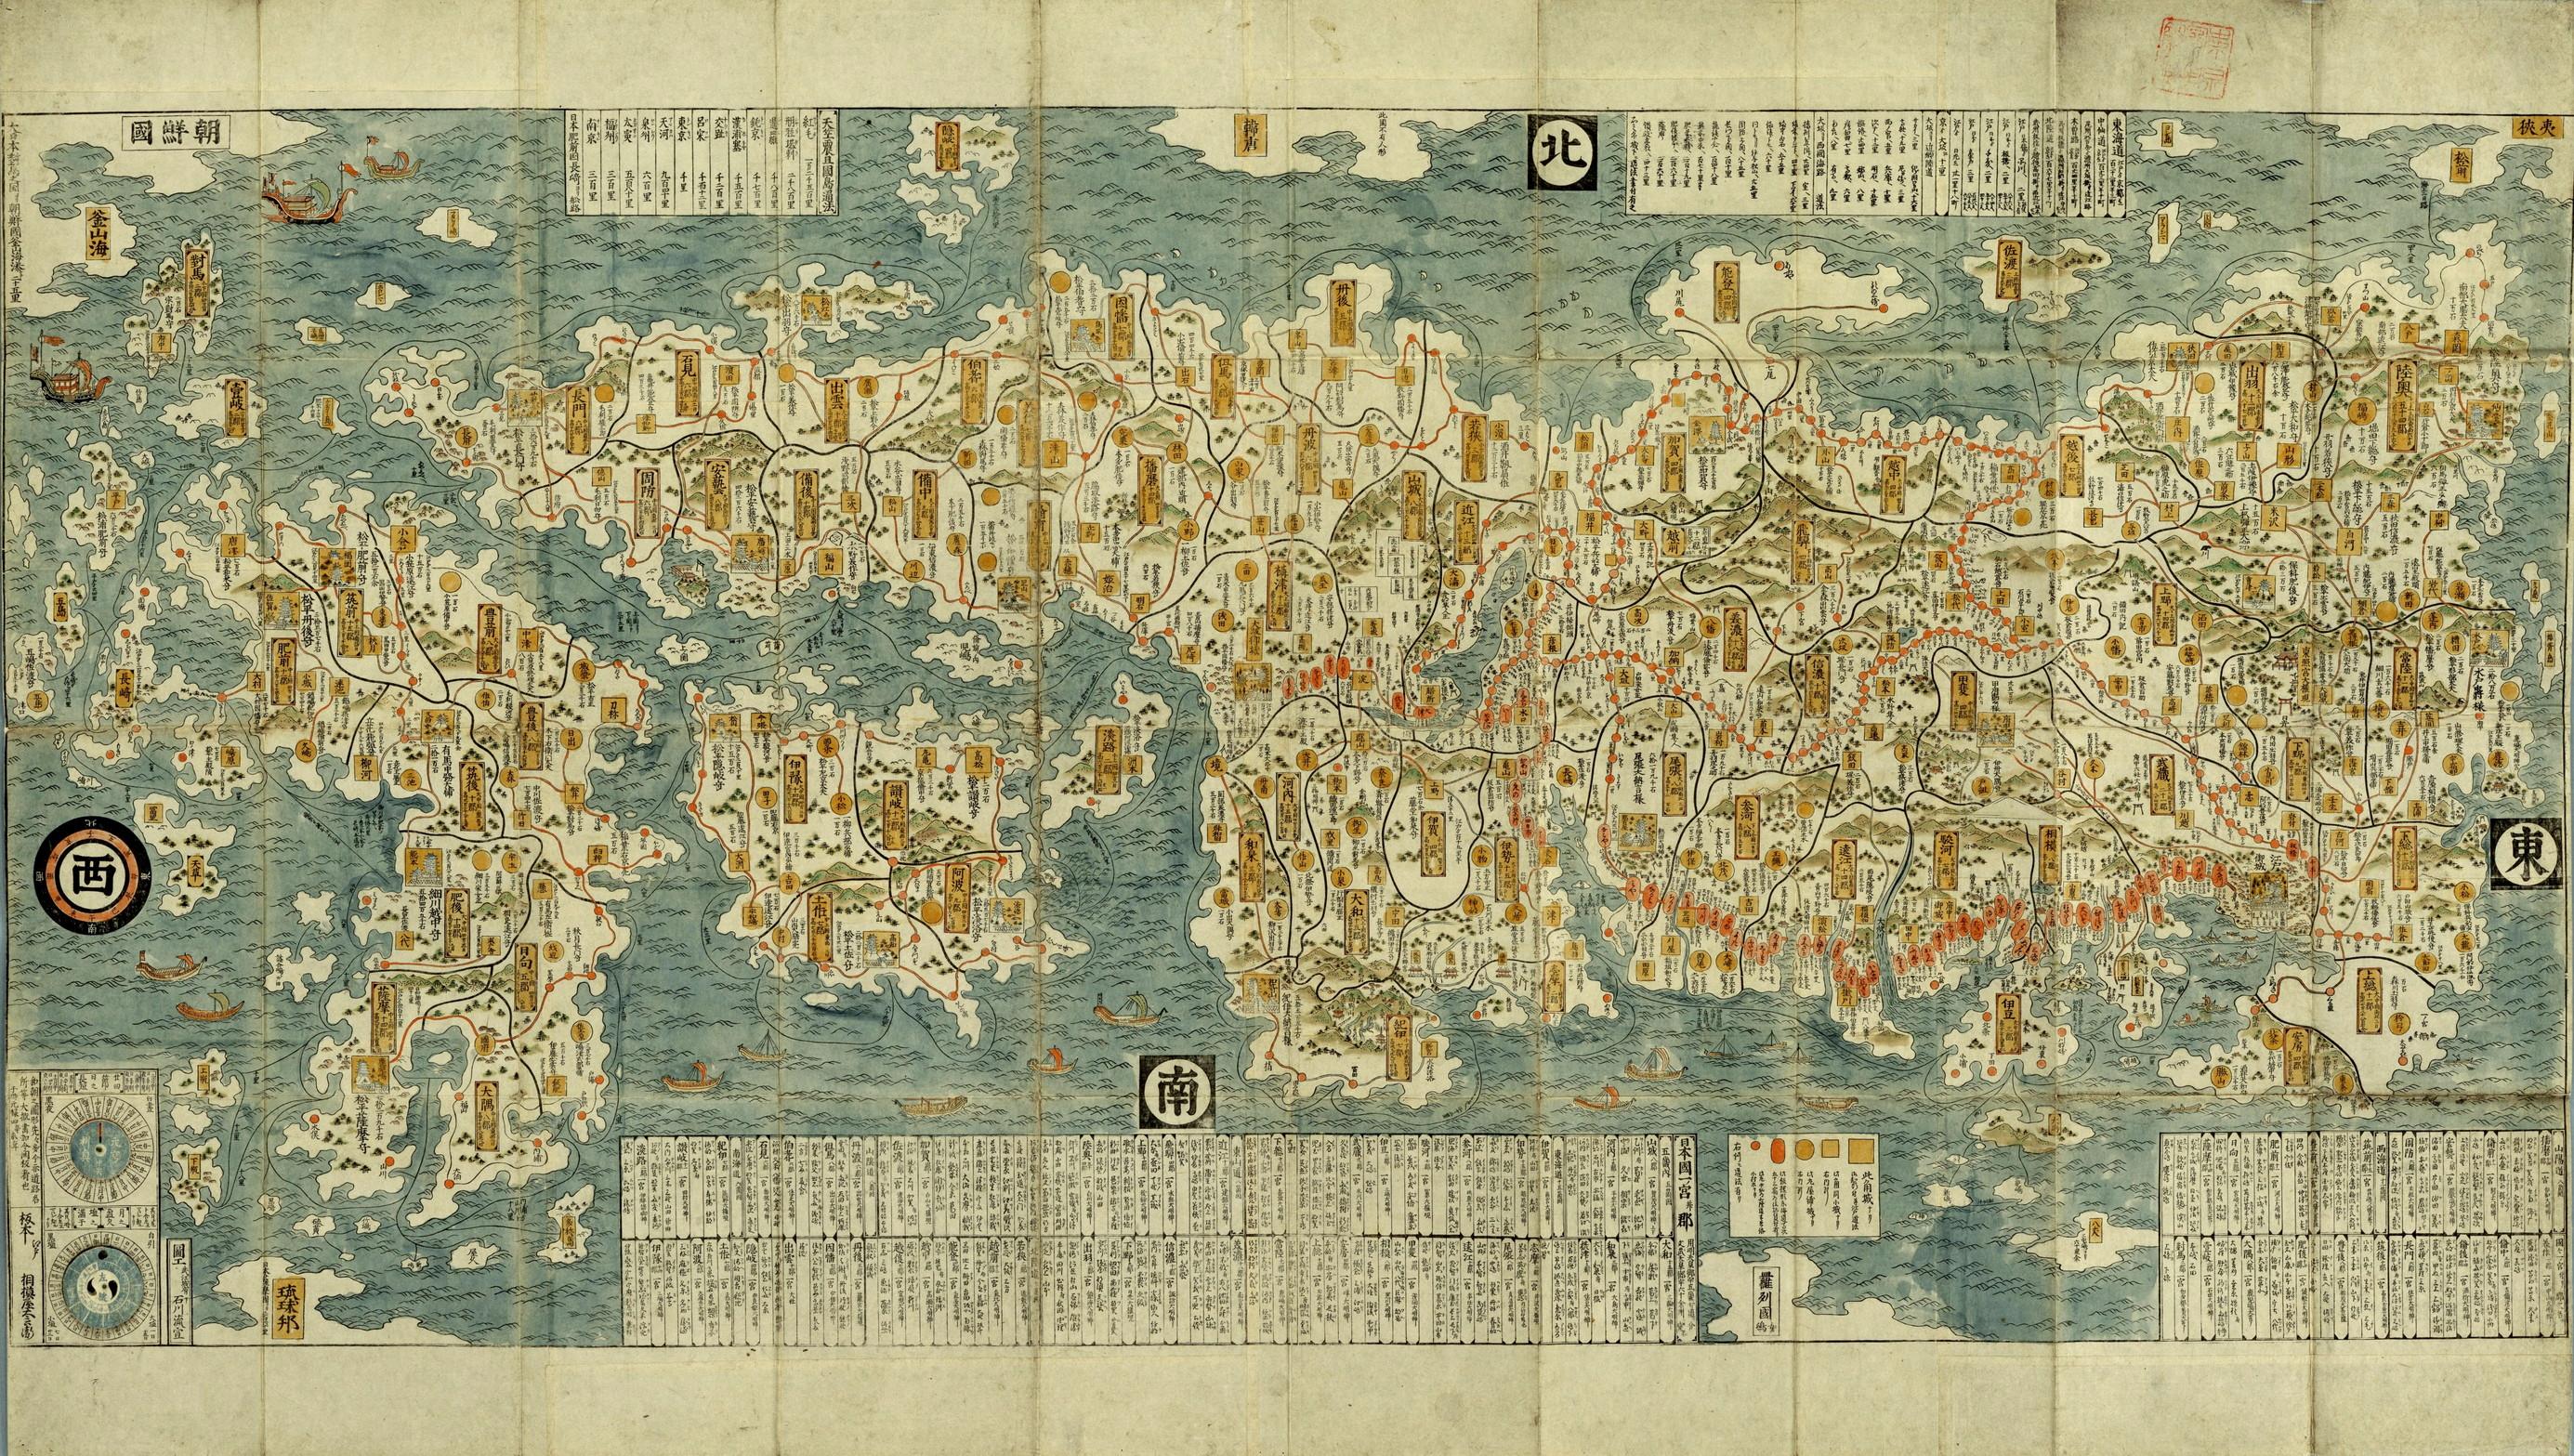 古地図 / ancient map free images(フリー素材) サムネイル画像